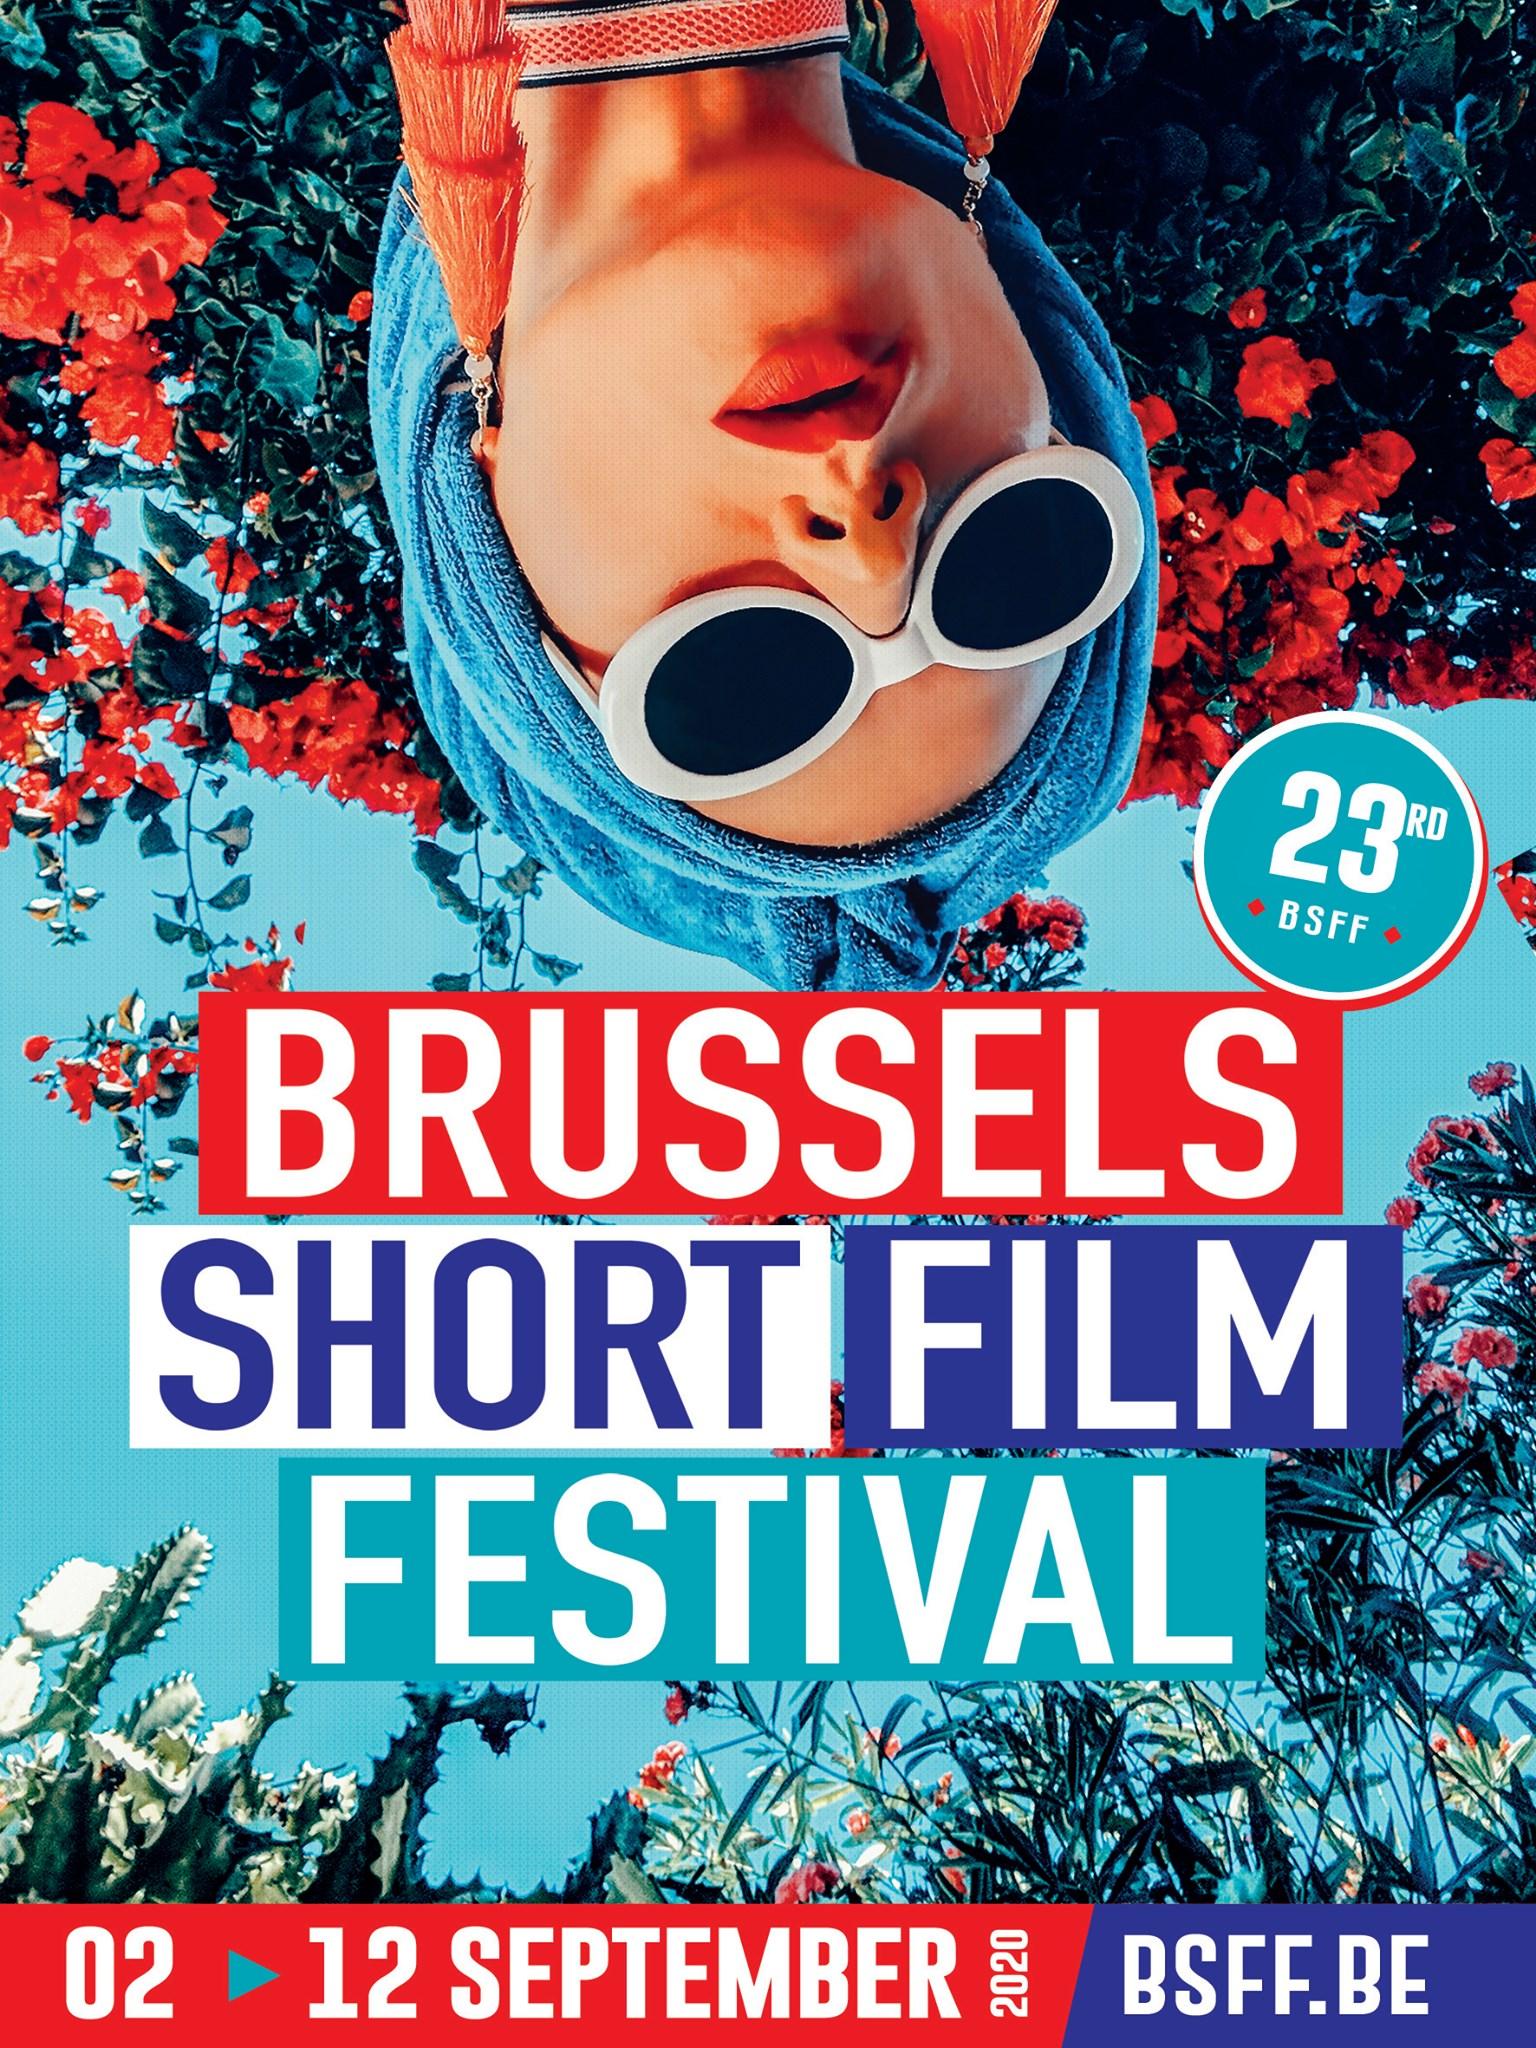 Palmarès national du Brussels Short Film Festival 2020 Au pays des chats de Schrödinger